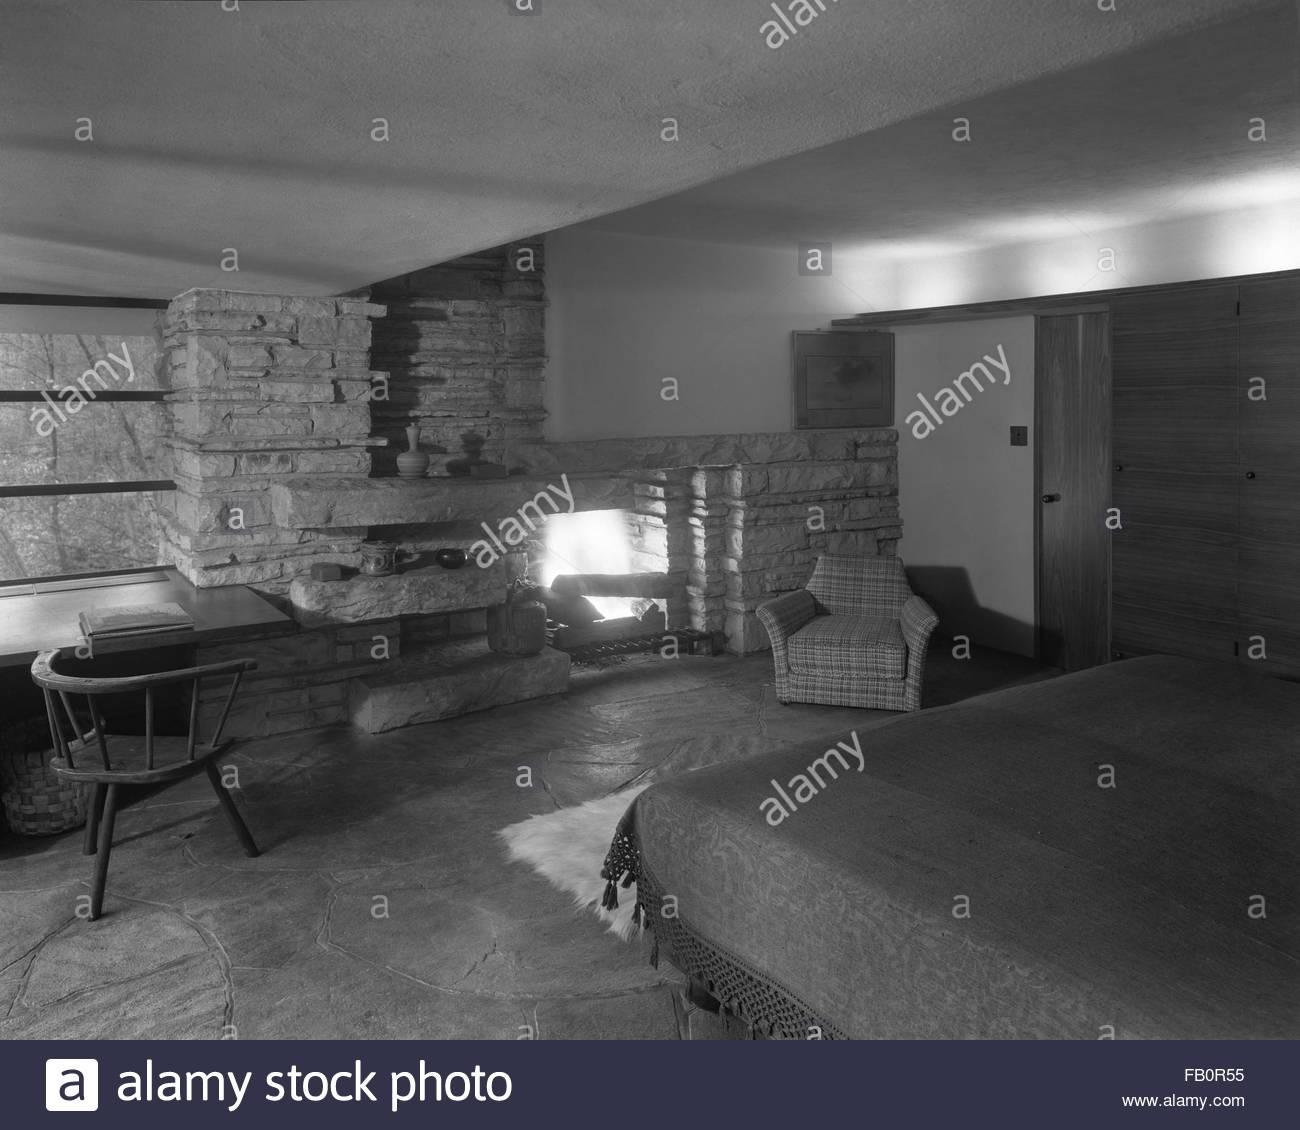 Edgar kaufmann residence presso bear eseguire noto come - Camera da letto con camino ...